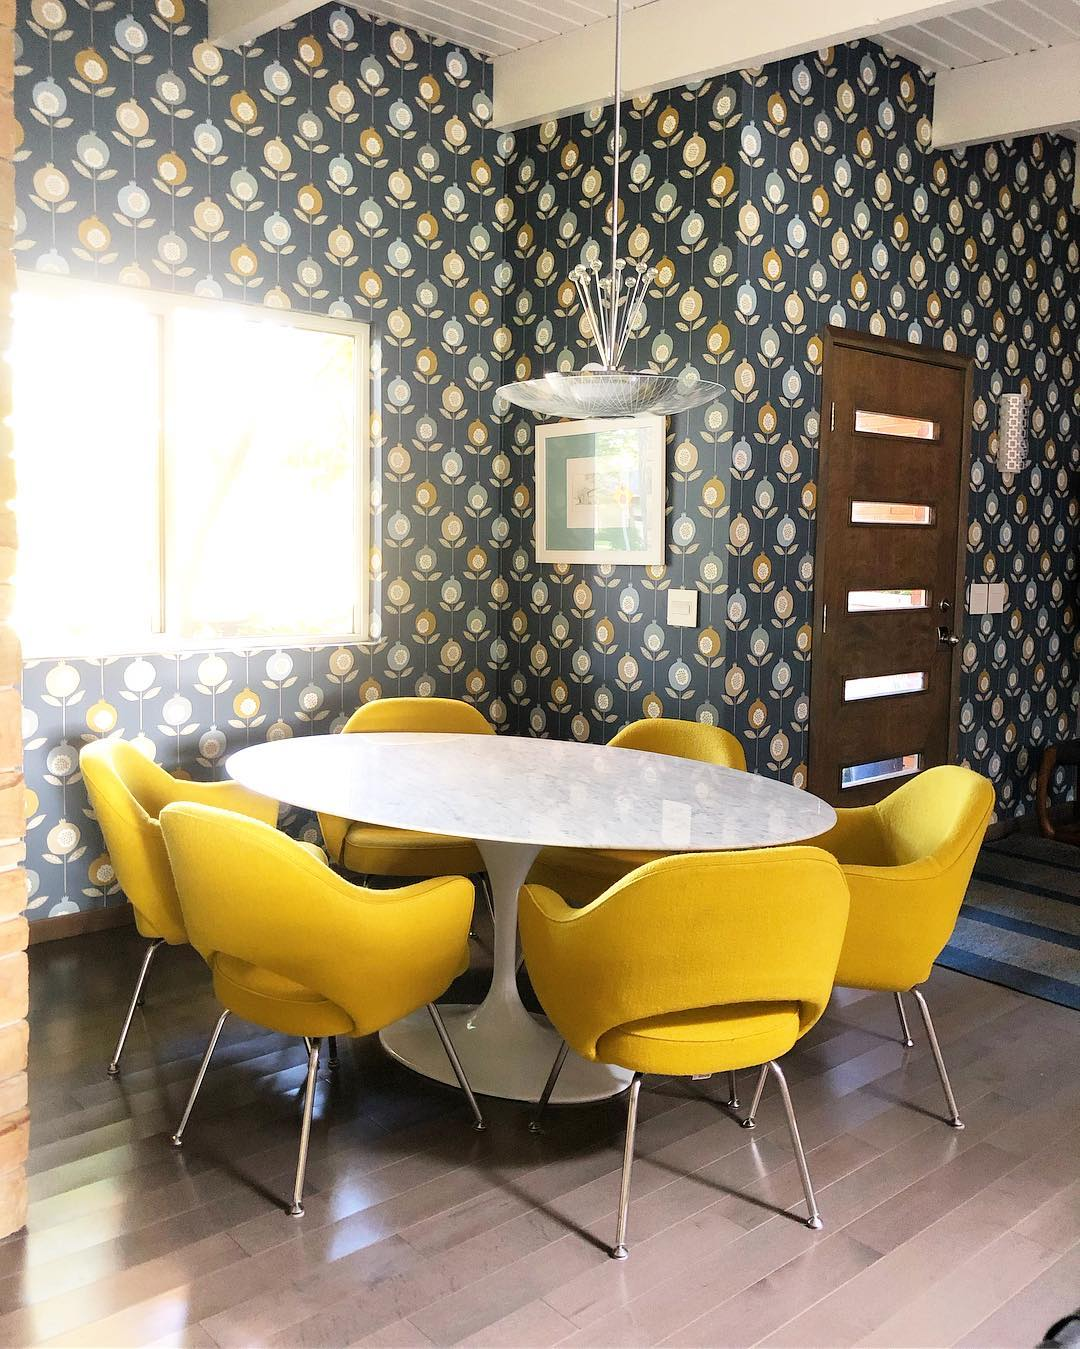 10 Inspiring Mid-Century Dining Room Ideas_8